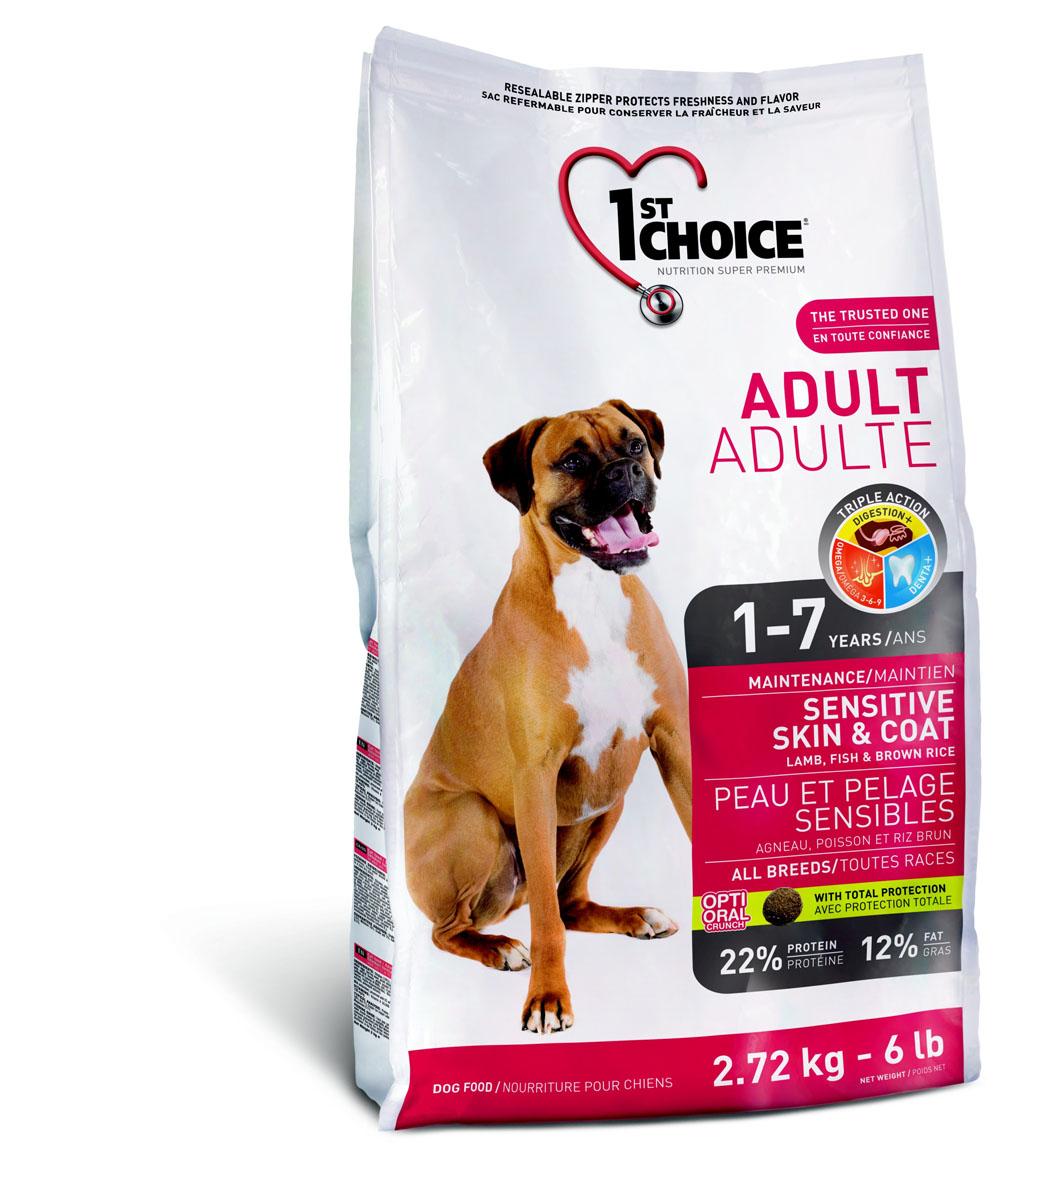 Корм сухой 1st Choice Sensitive Skin & Coat для взрослых собак с чувствительной кожей и шерстью, с ягненком, рыбой и рисом, 15 кг56686Сухой корм 1st Choice Sensitive Skin & Coat предназначен для взрослых собак с чувствительной кожей и шерстью. Ягненок и рыба (потенциально гипоаллергенные источники протеина) - главные ингредиенты этой сбалансированной и очень вкусной формулы. Добавление натуральных пребиотиков, таких как экстракт цикория - источник инулина (фруктоолигосахарид) и дрожжевой экстракт (маннан-олигосахариды) способствует росту и развитию полезной кишечной микрофлоры, которая укрепляет иммунную систему организма. Экстракт имбиря снижает тошноту и газообразование. Превосходное сочетание экстракта зеленого чая, быстрорастворимого витамина С, клетчатки, мяты и петрушки освежает дыхание и обеспечивает гигиену зубов и полости рта. Сочетание Омега -3-6-9 жирных кислот и L-цистина делают шерсть блестящей, а кожу здоровой. Ингредиенты: мука из мяса ягненка, мука из мяса сельди, коричневый рис, картофельная мука, перловая крупа, дробленый рис, овсяная крупа, растительное масло (источник Омего-6...